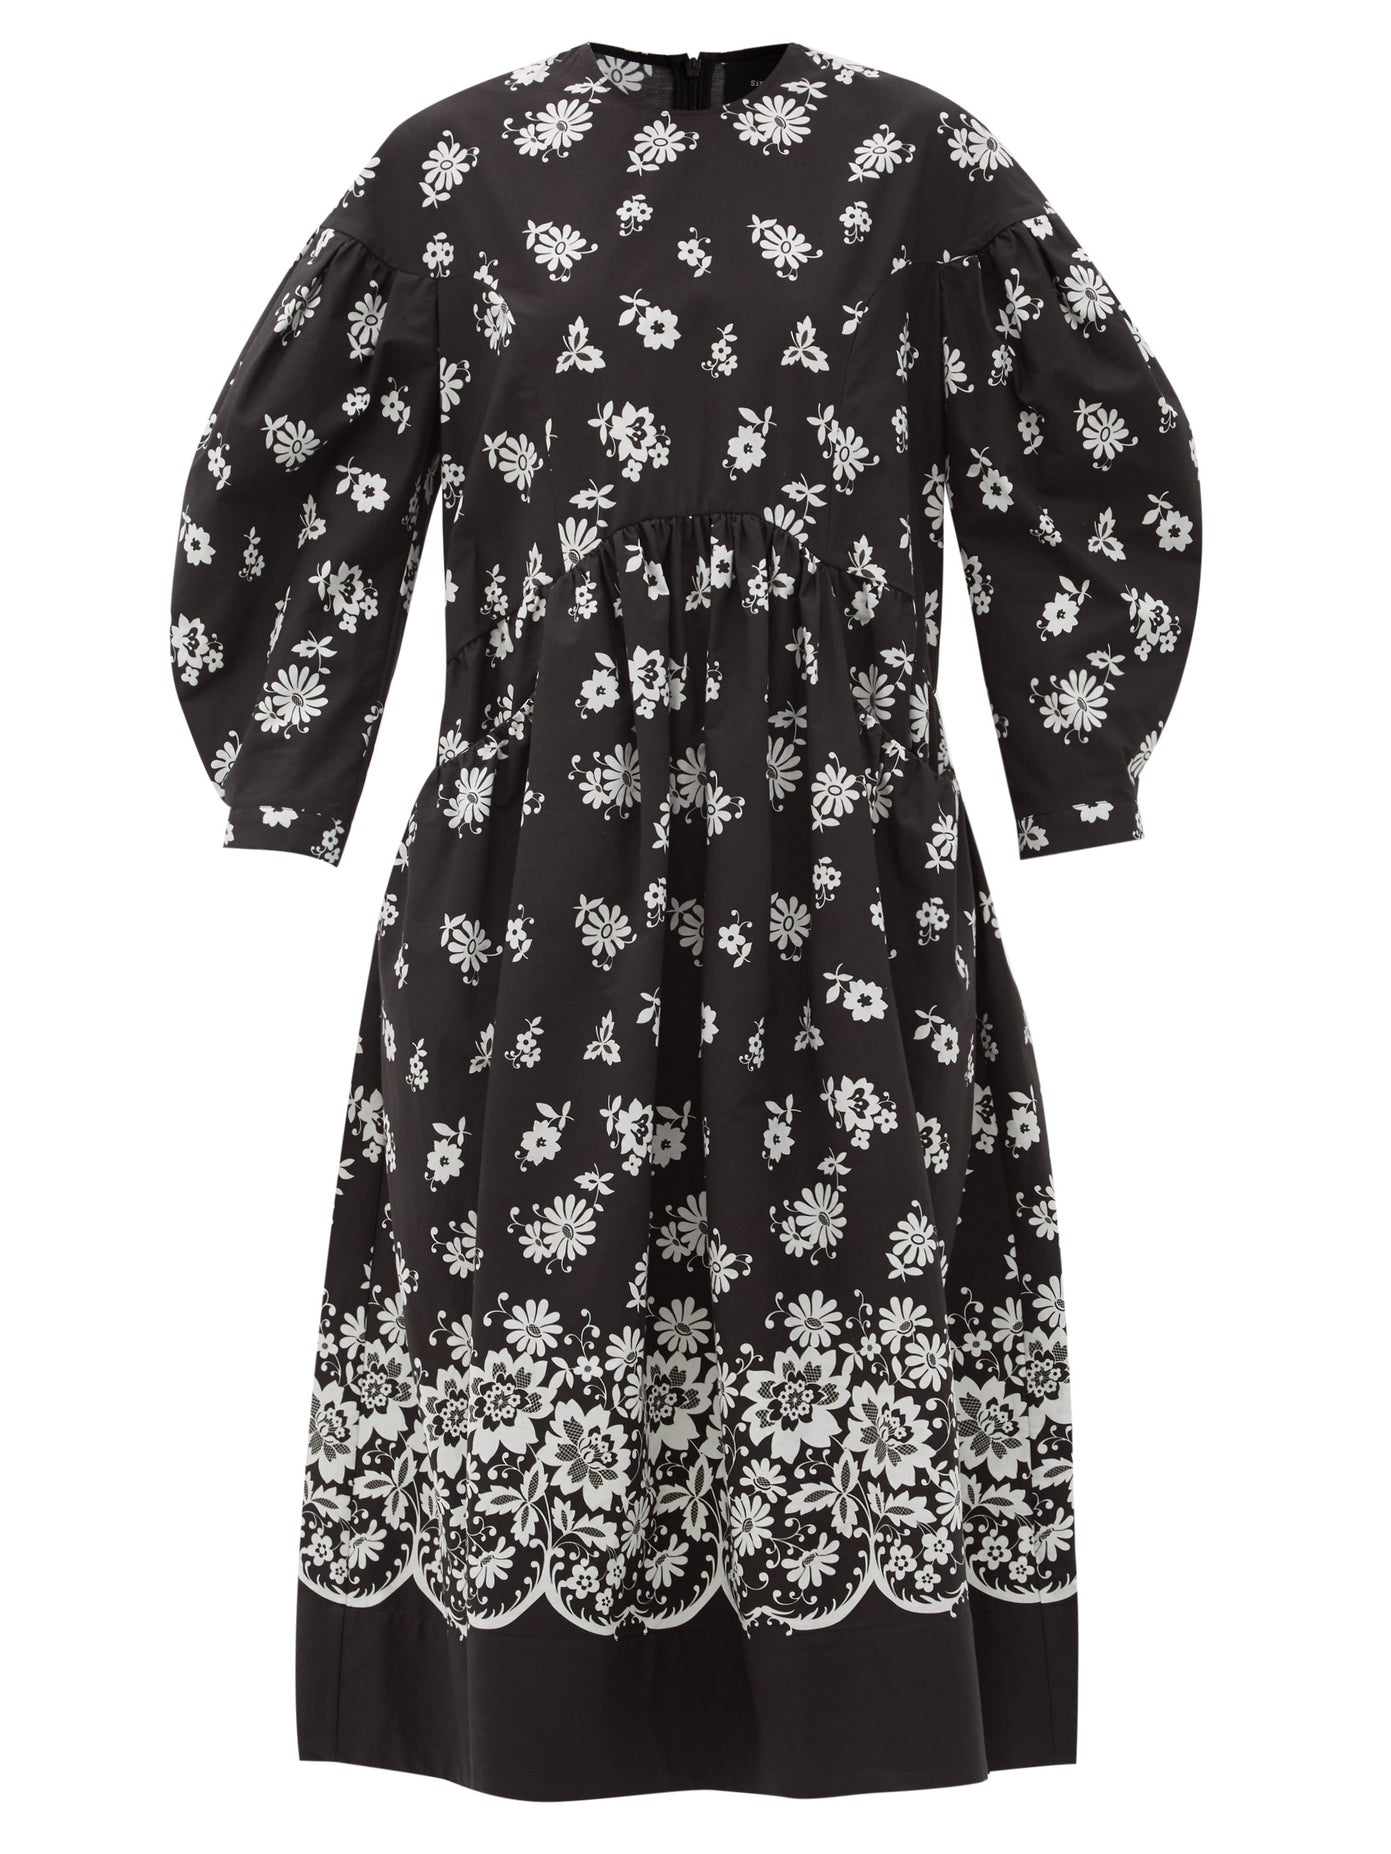 Simone Rocha Black floral dress